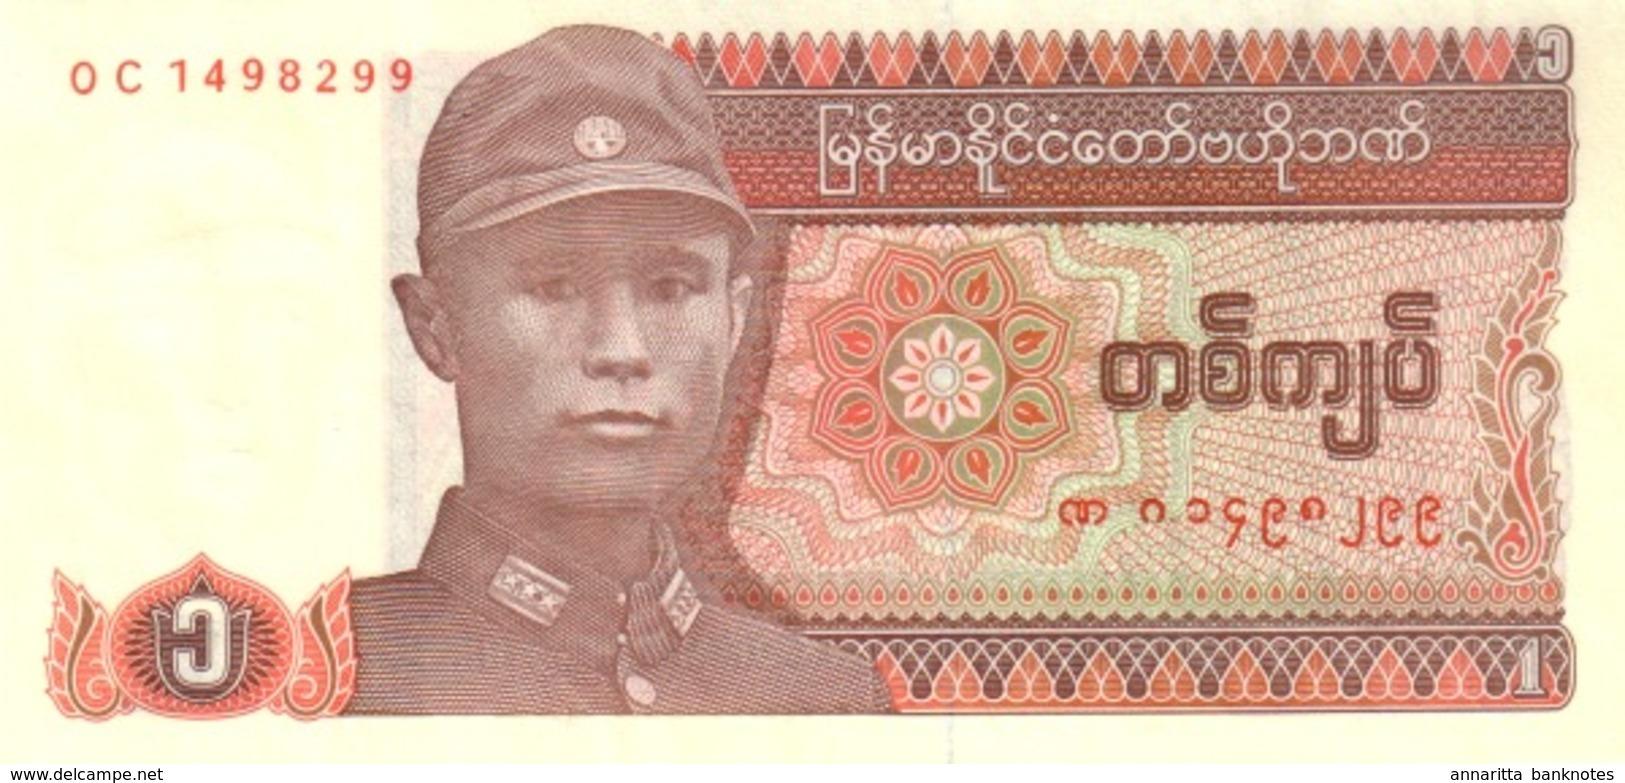 MYANMAR 1 KYAT ND (1990) P-67a NEUF [MM101a] - Myanmar